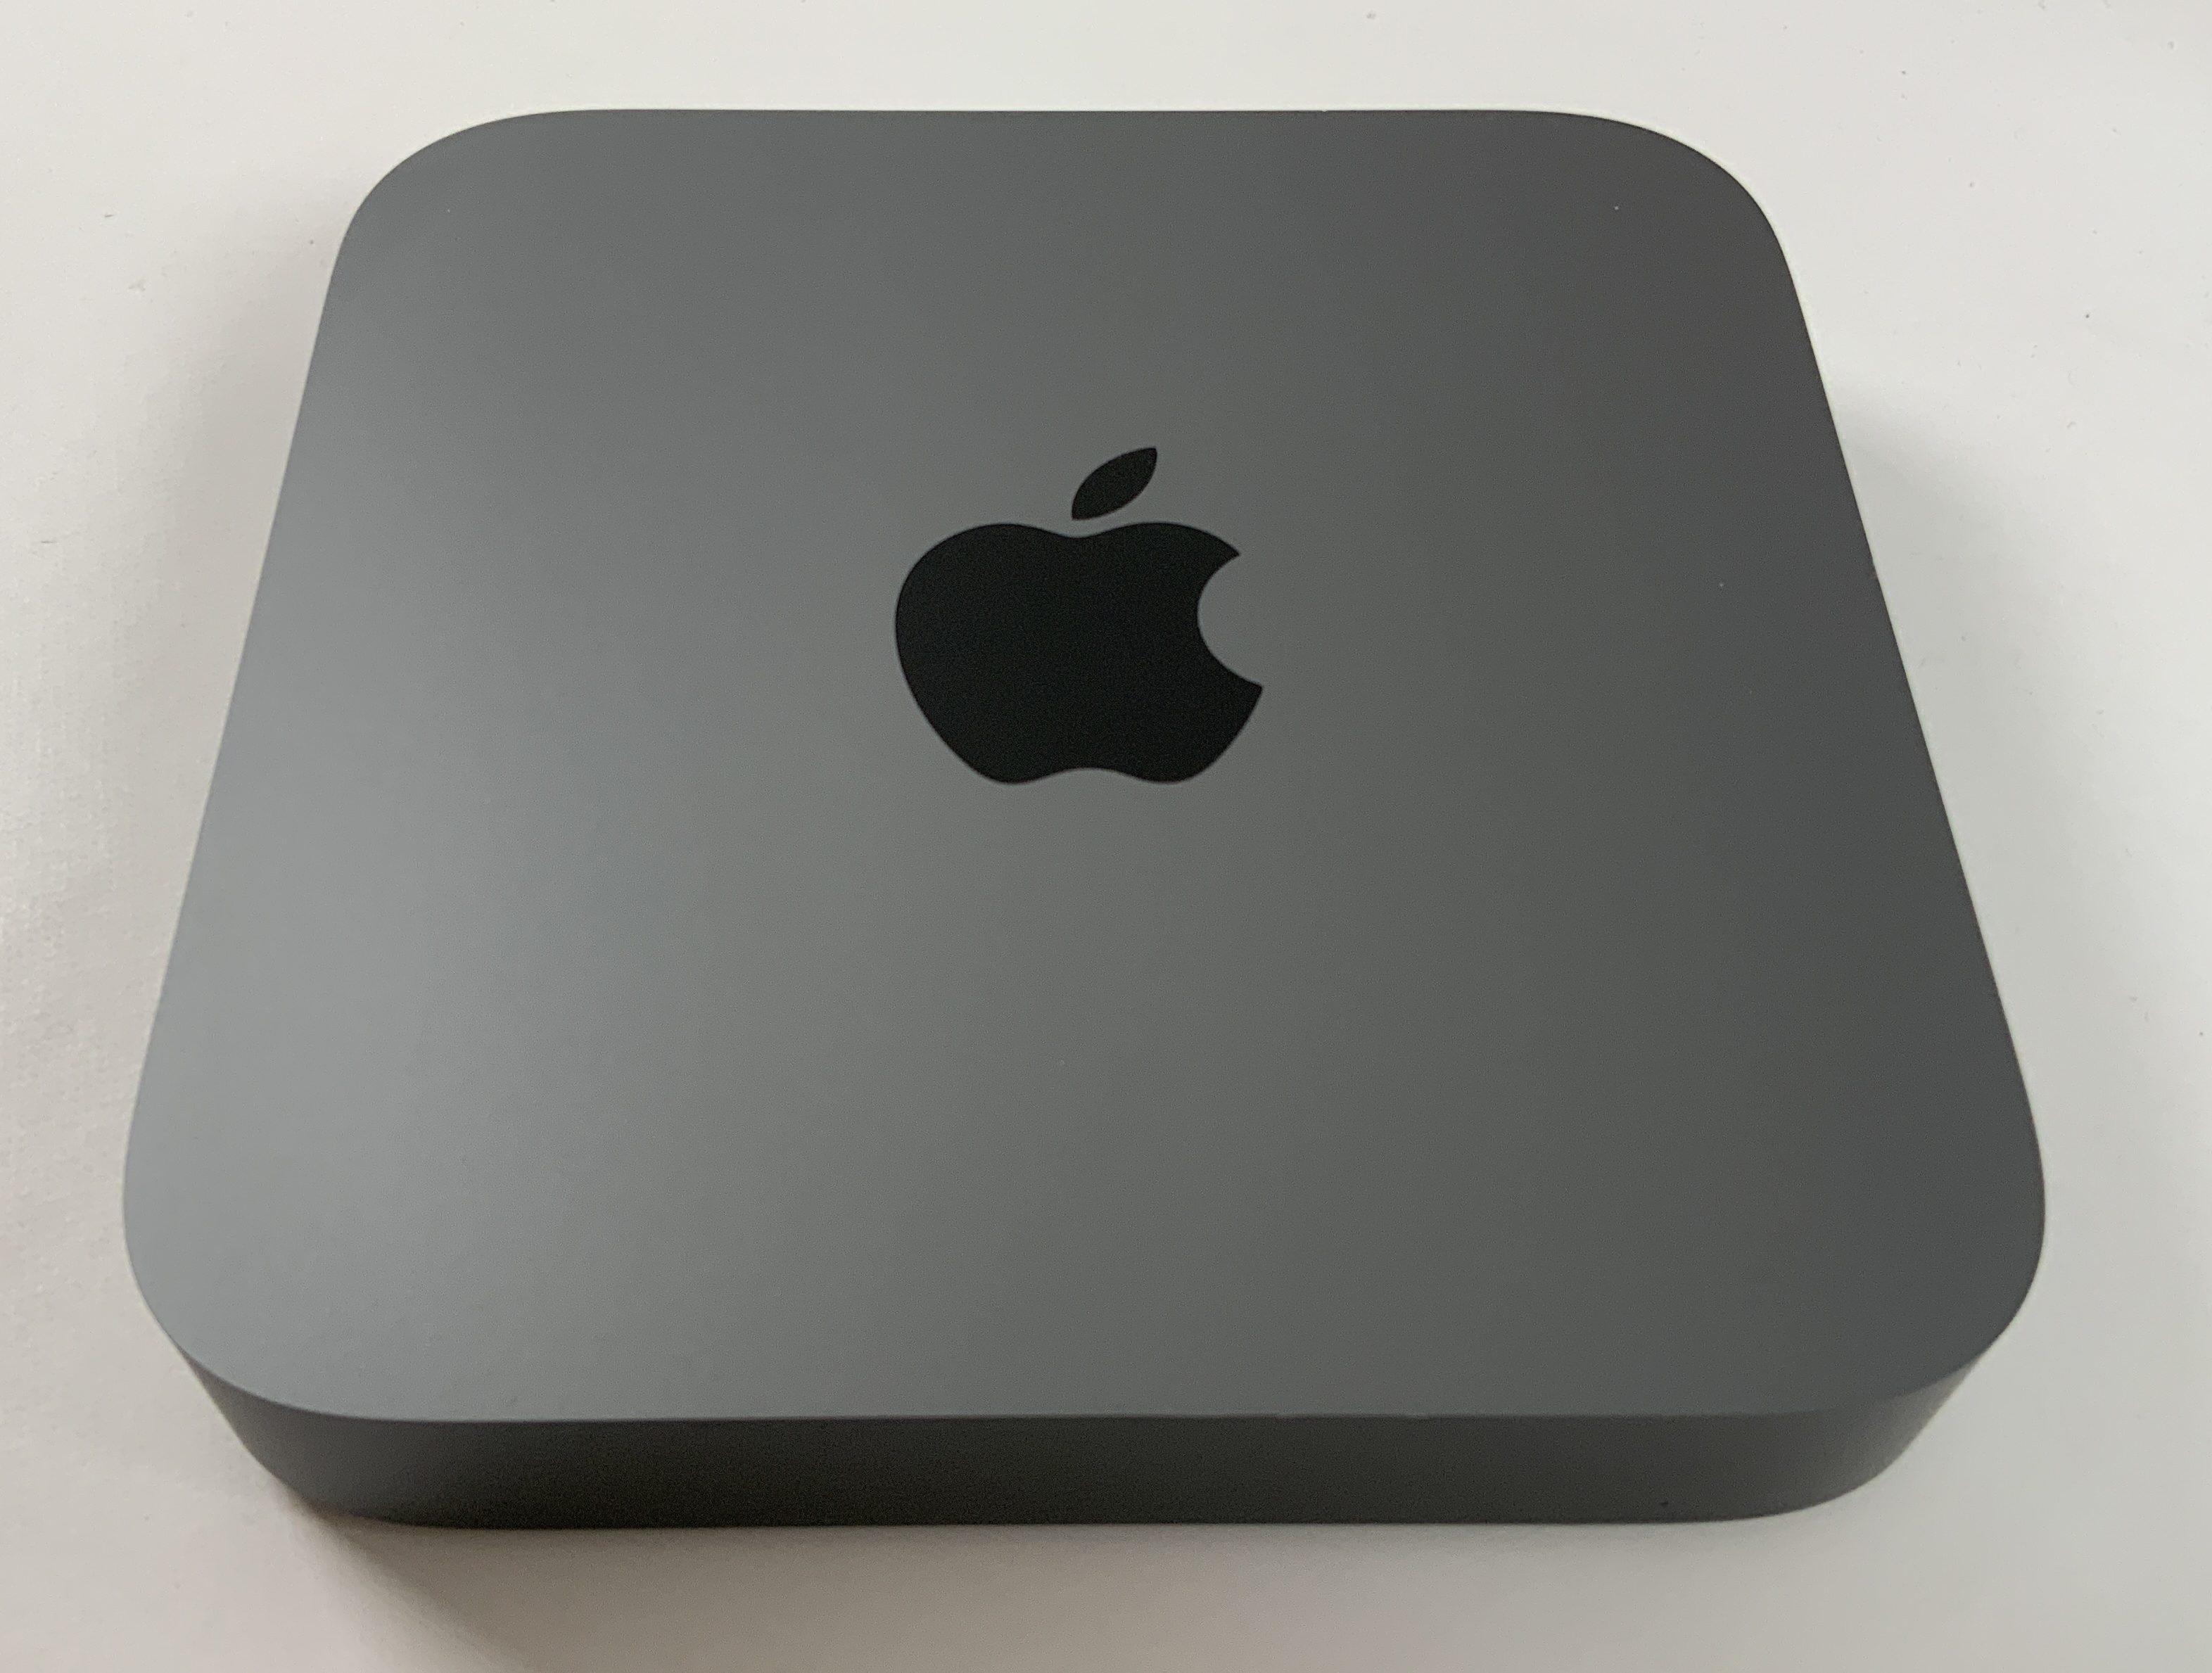 Mac Mini Late 2018 (Intel 6-Core i5 3.0 GHz 32 GB RAM 256 GB SSD), Intel 6-Core i5 3.0 GHz, 32 GB RAM, 256 GB SSD, image 1